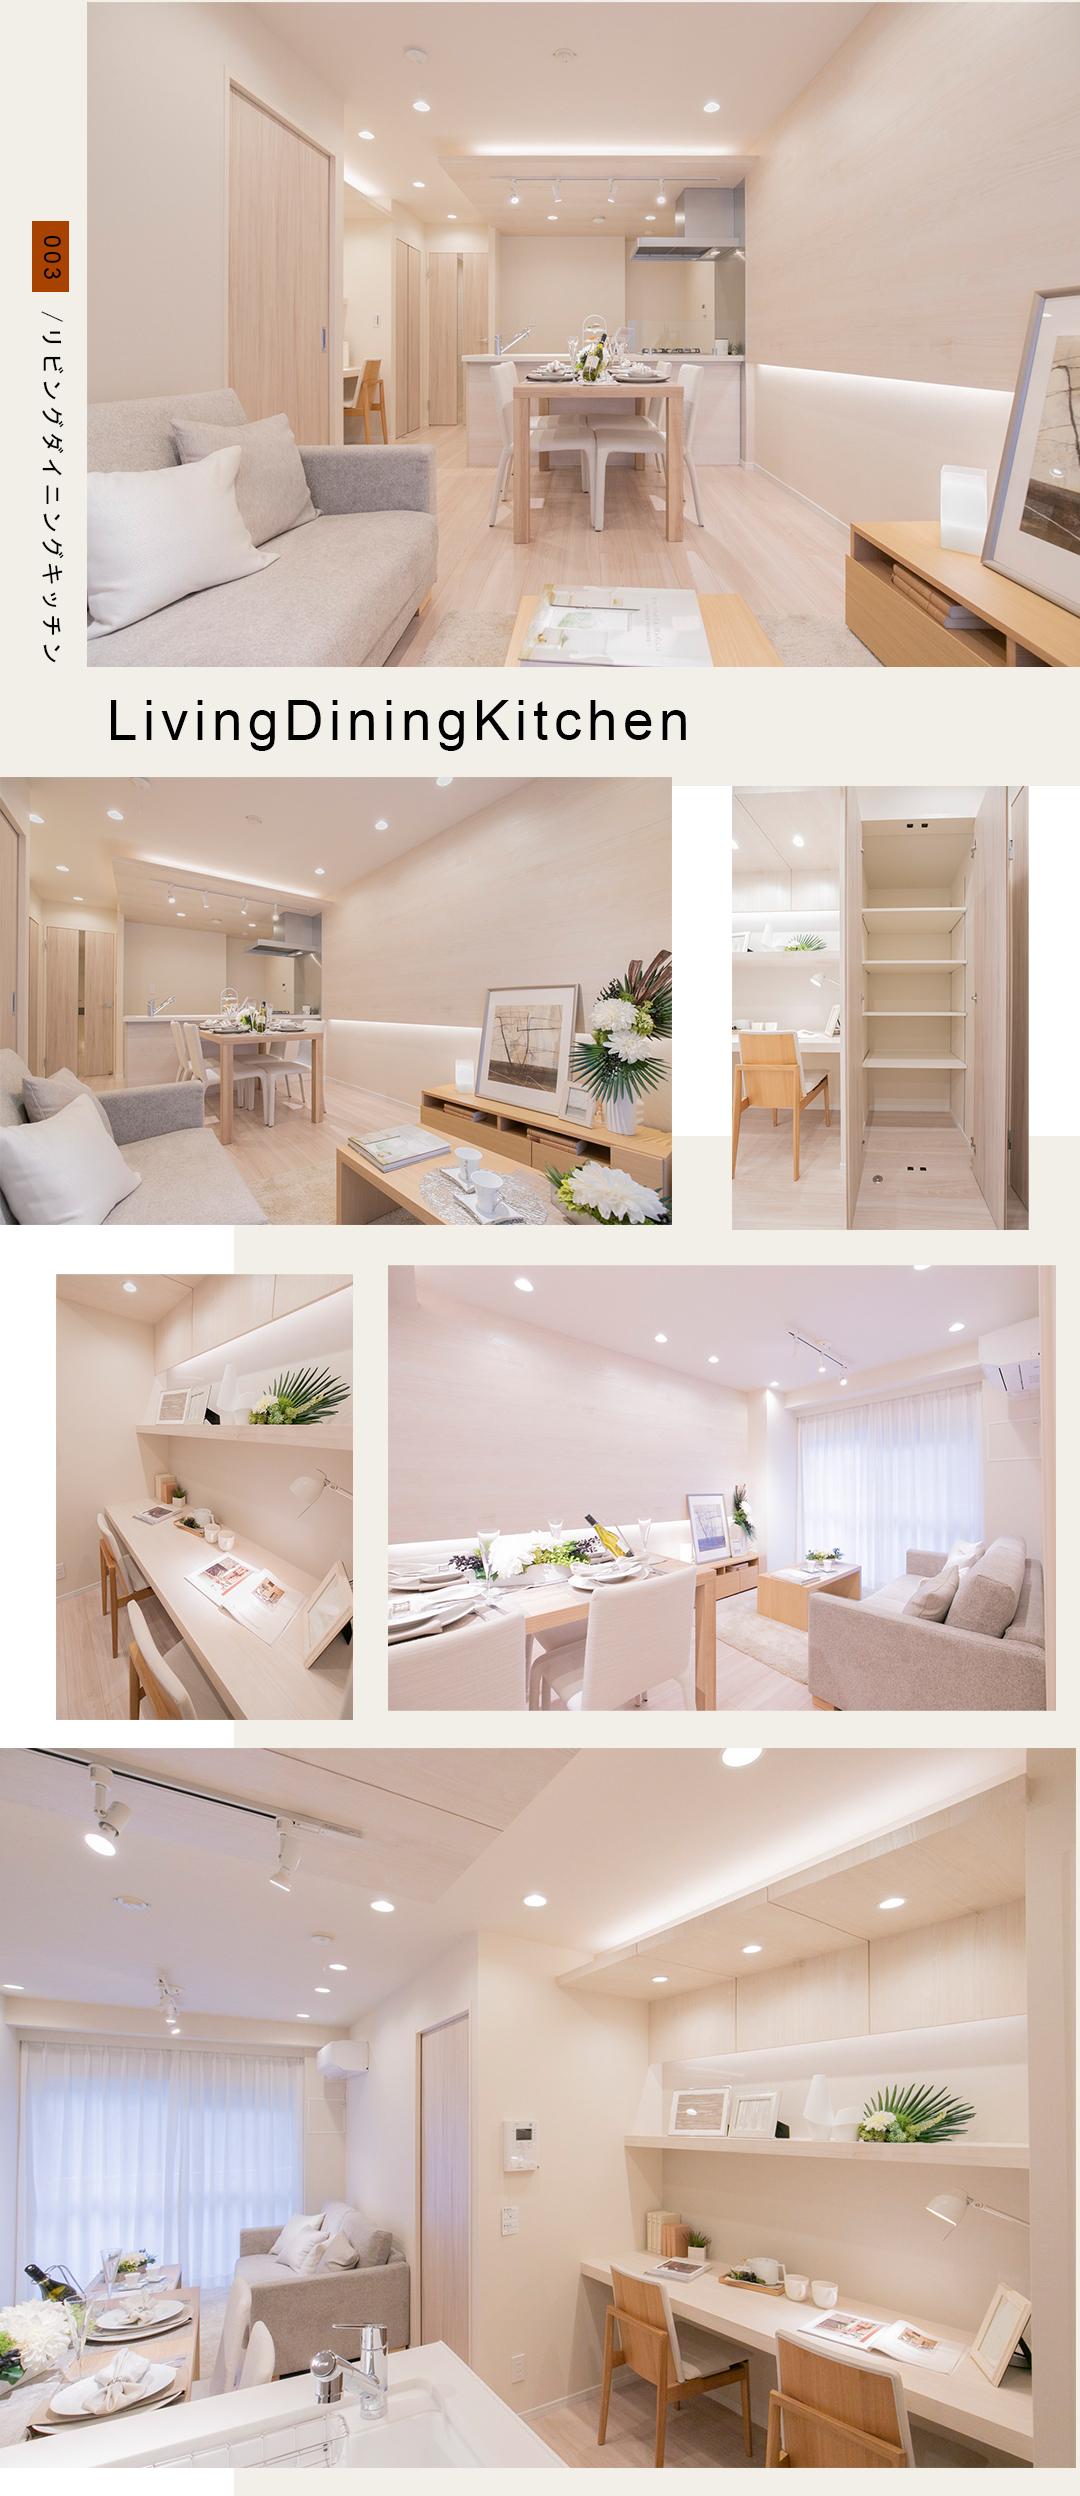 003リビングダイニングキッチン,living dining Kitchen